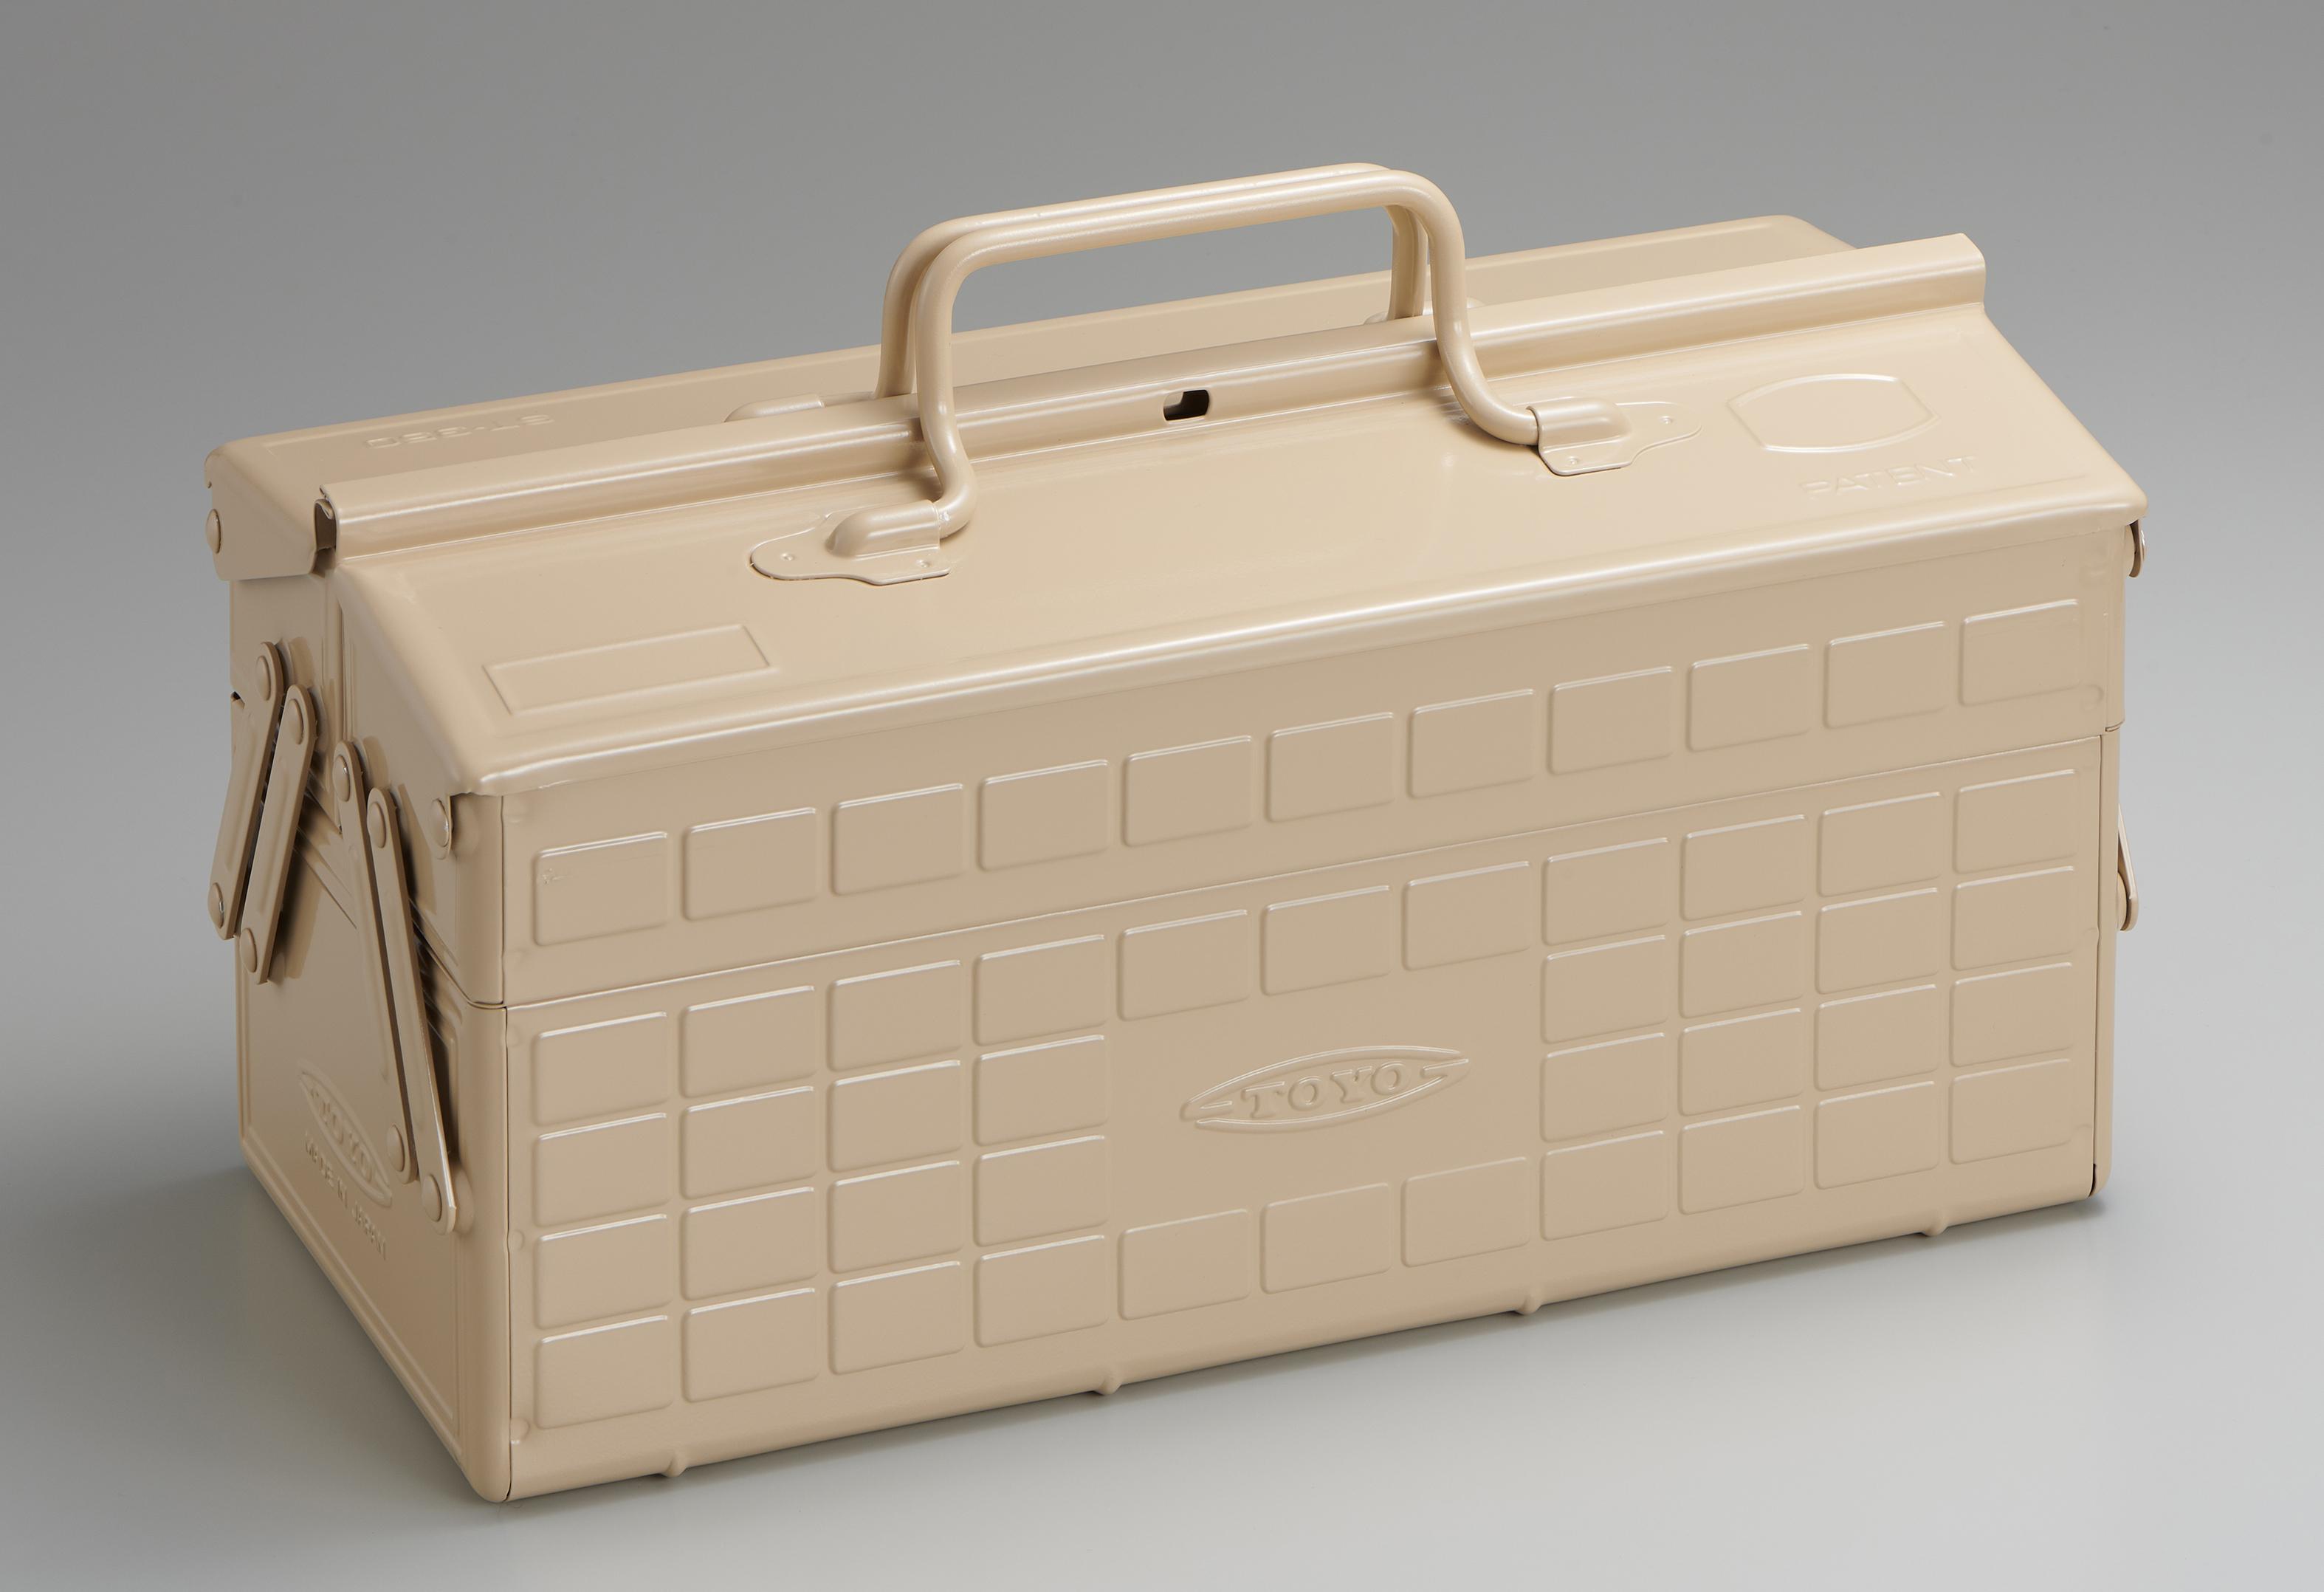 2段式工具箱 ST-350 BG (ベージュ)